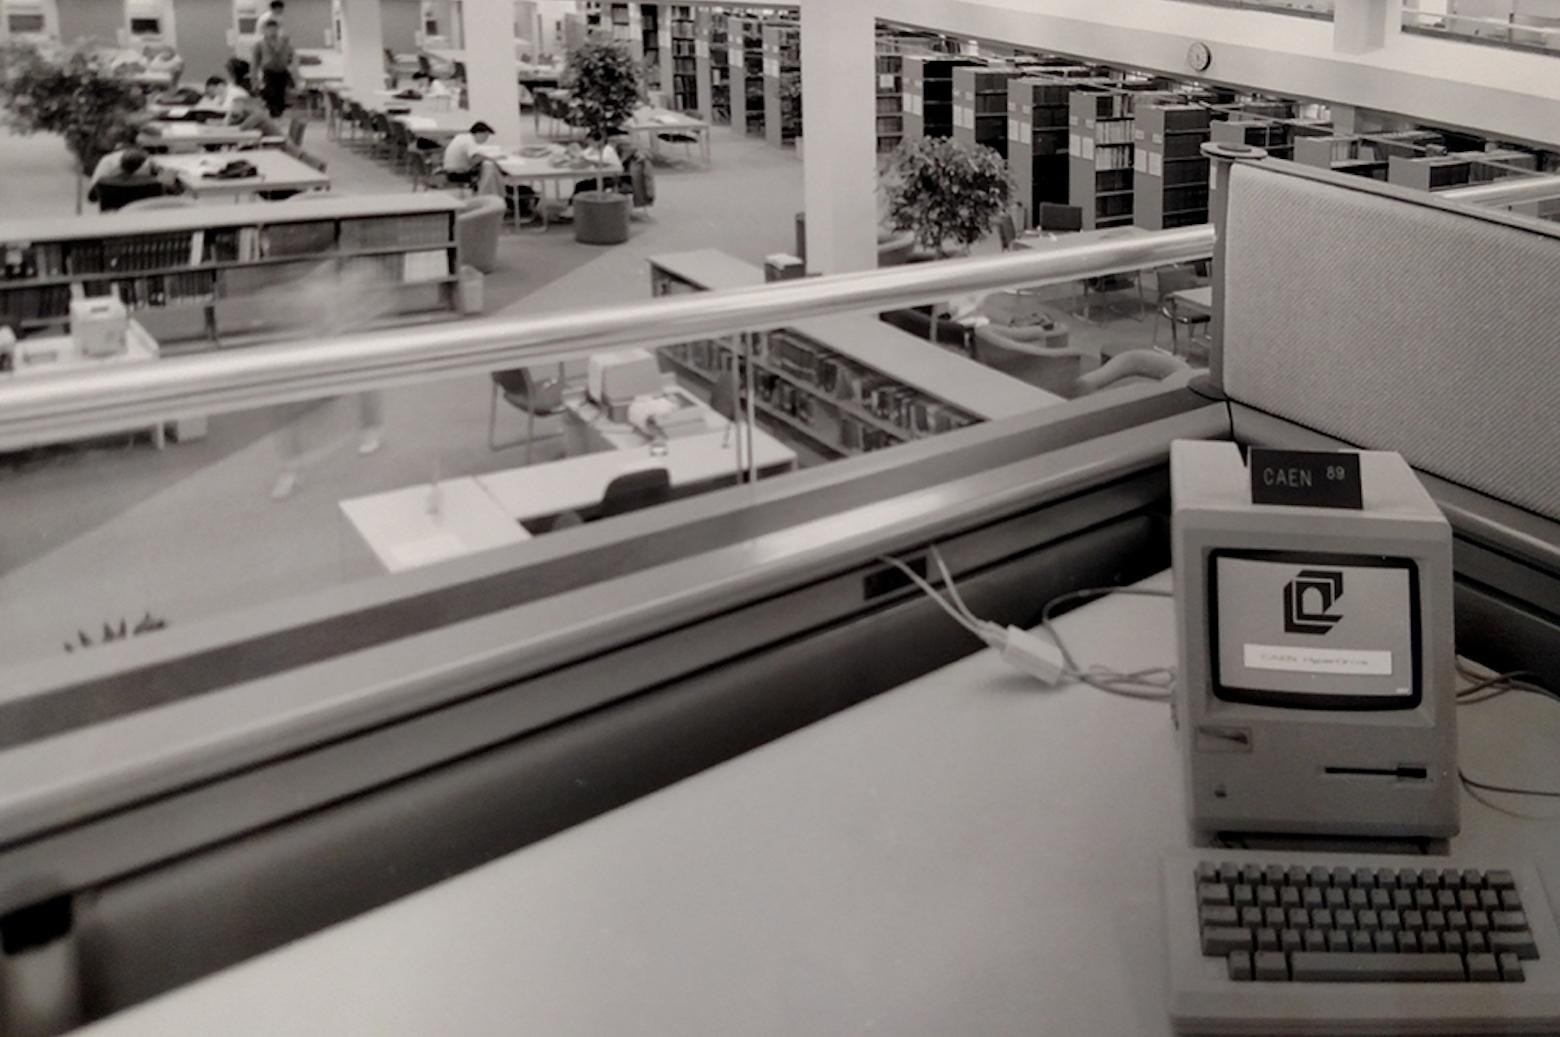 Old CAEN computer